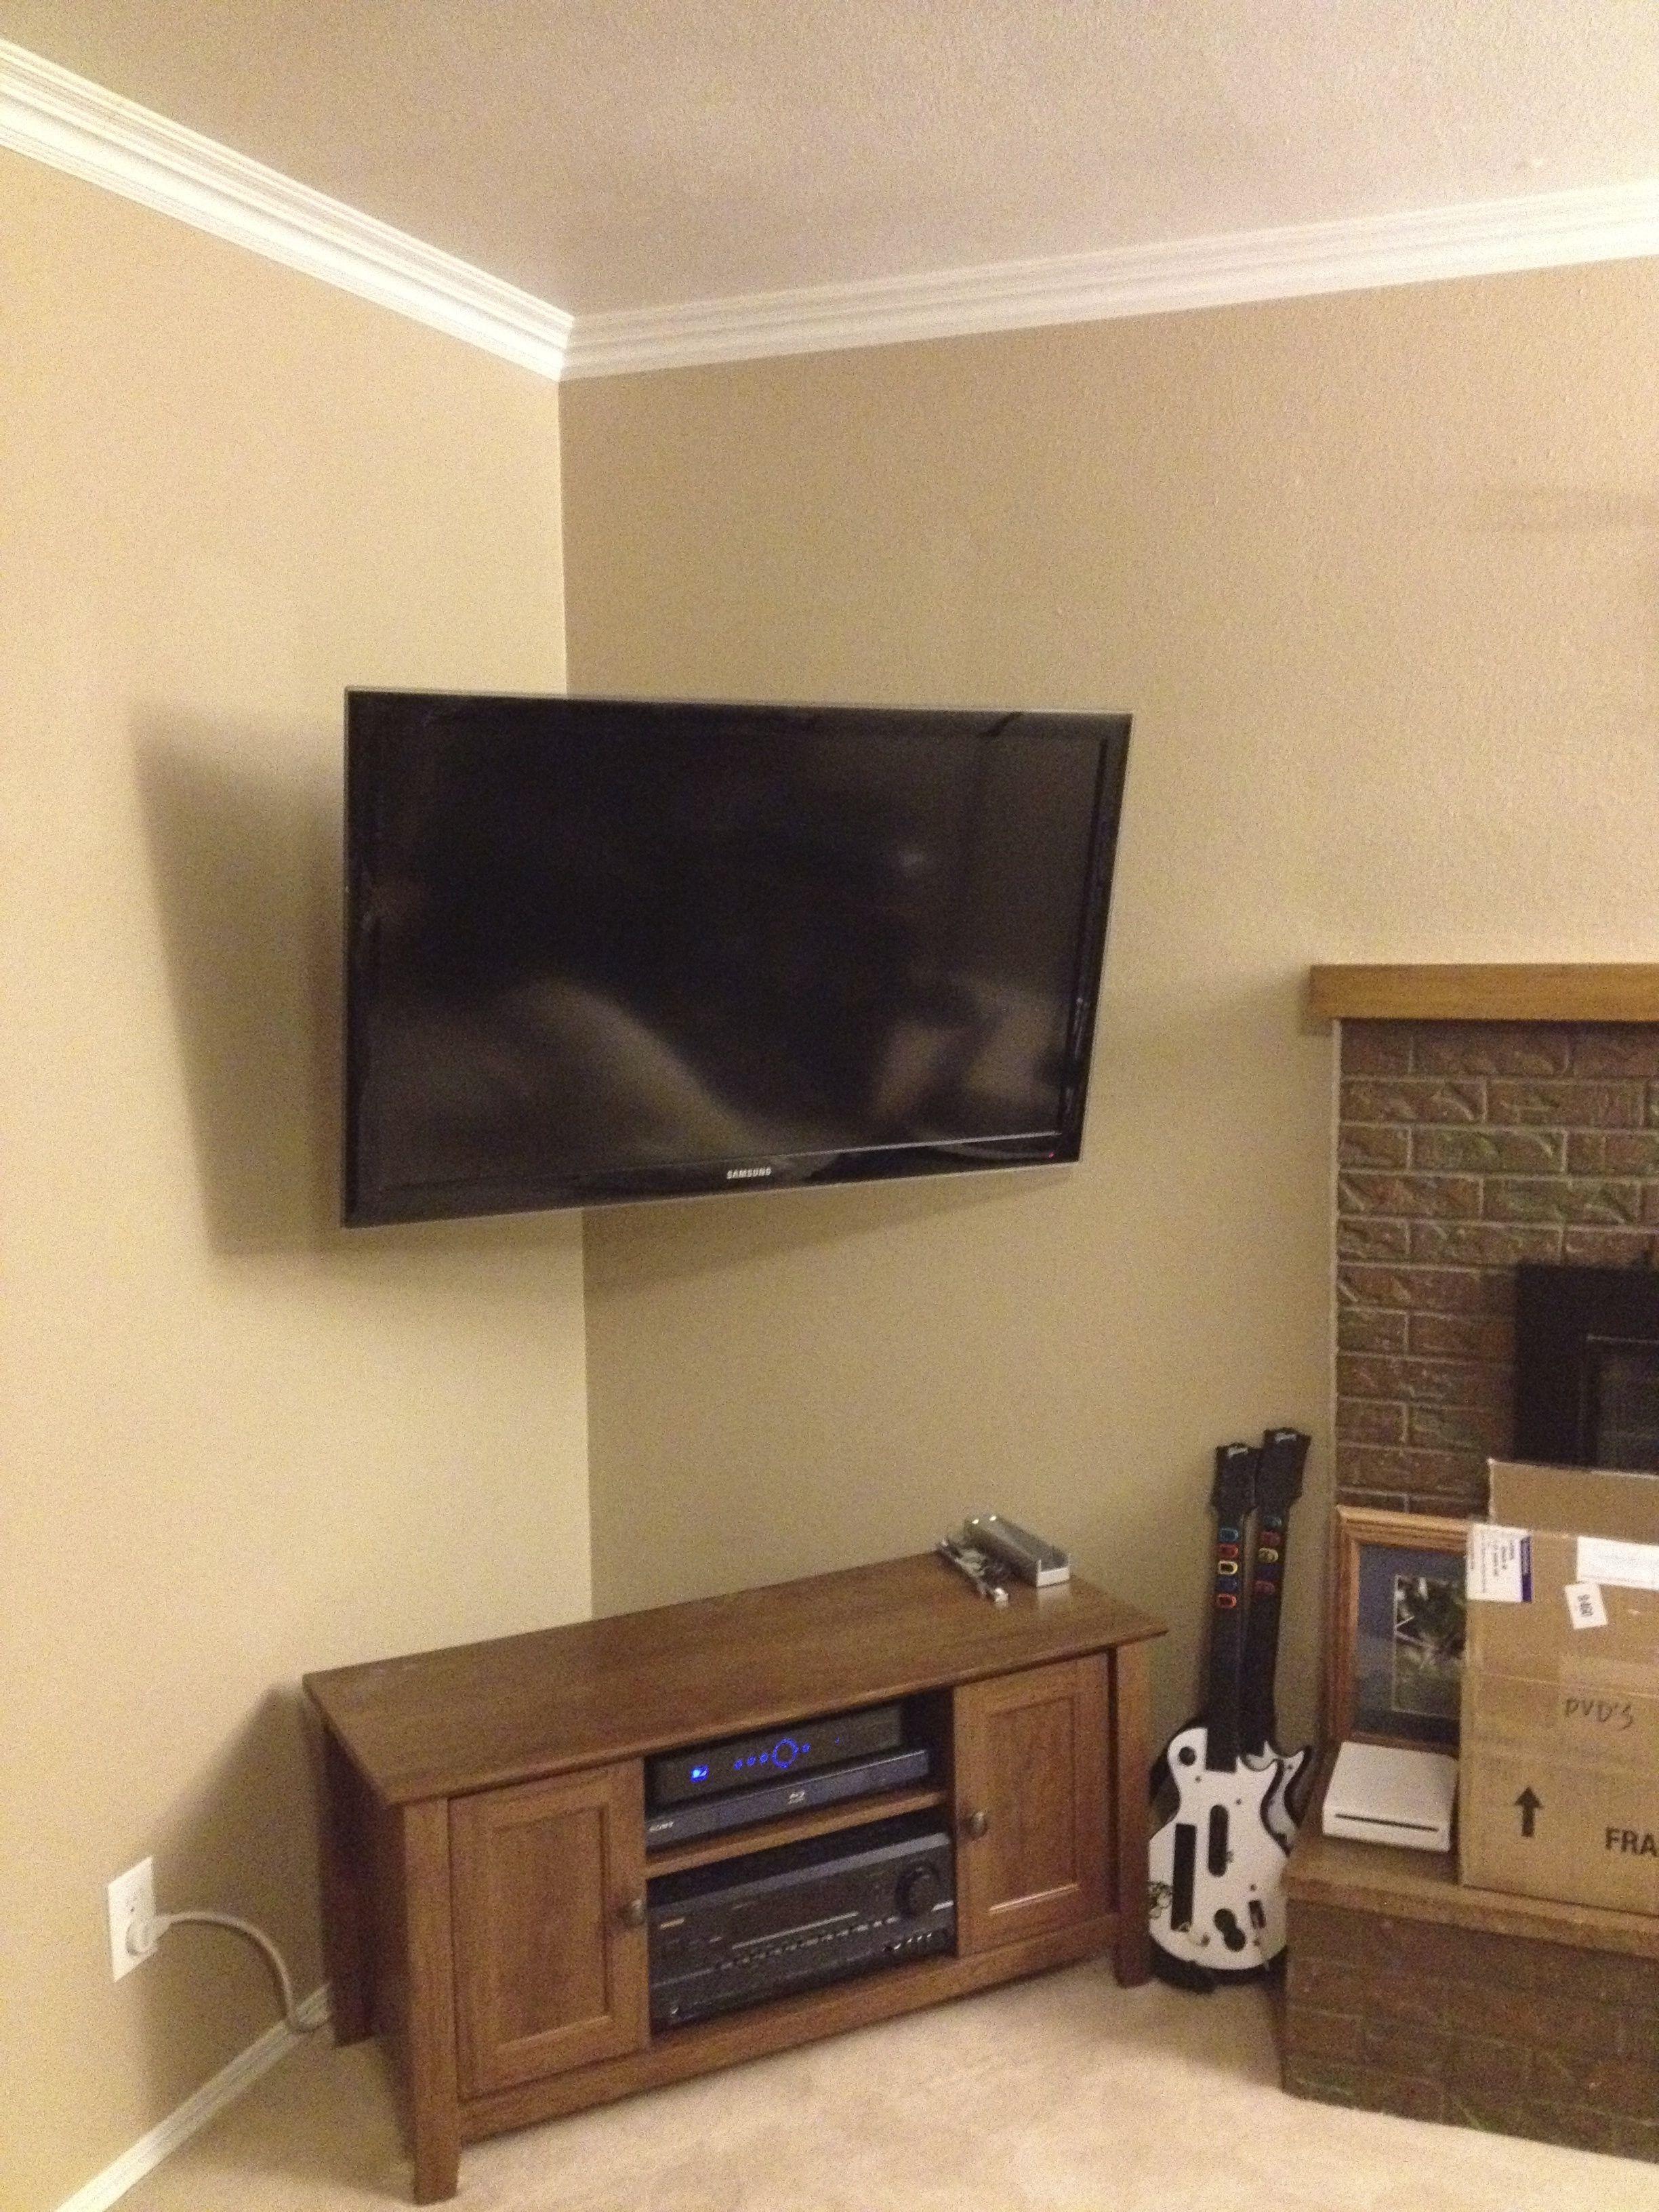 Alluring Corner Tv Mount Ideas For Family Room Decor Corne